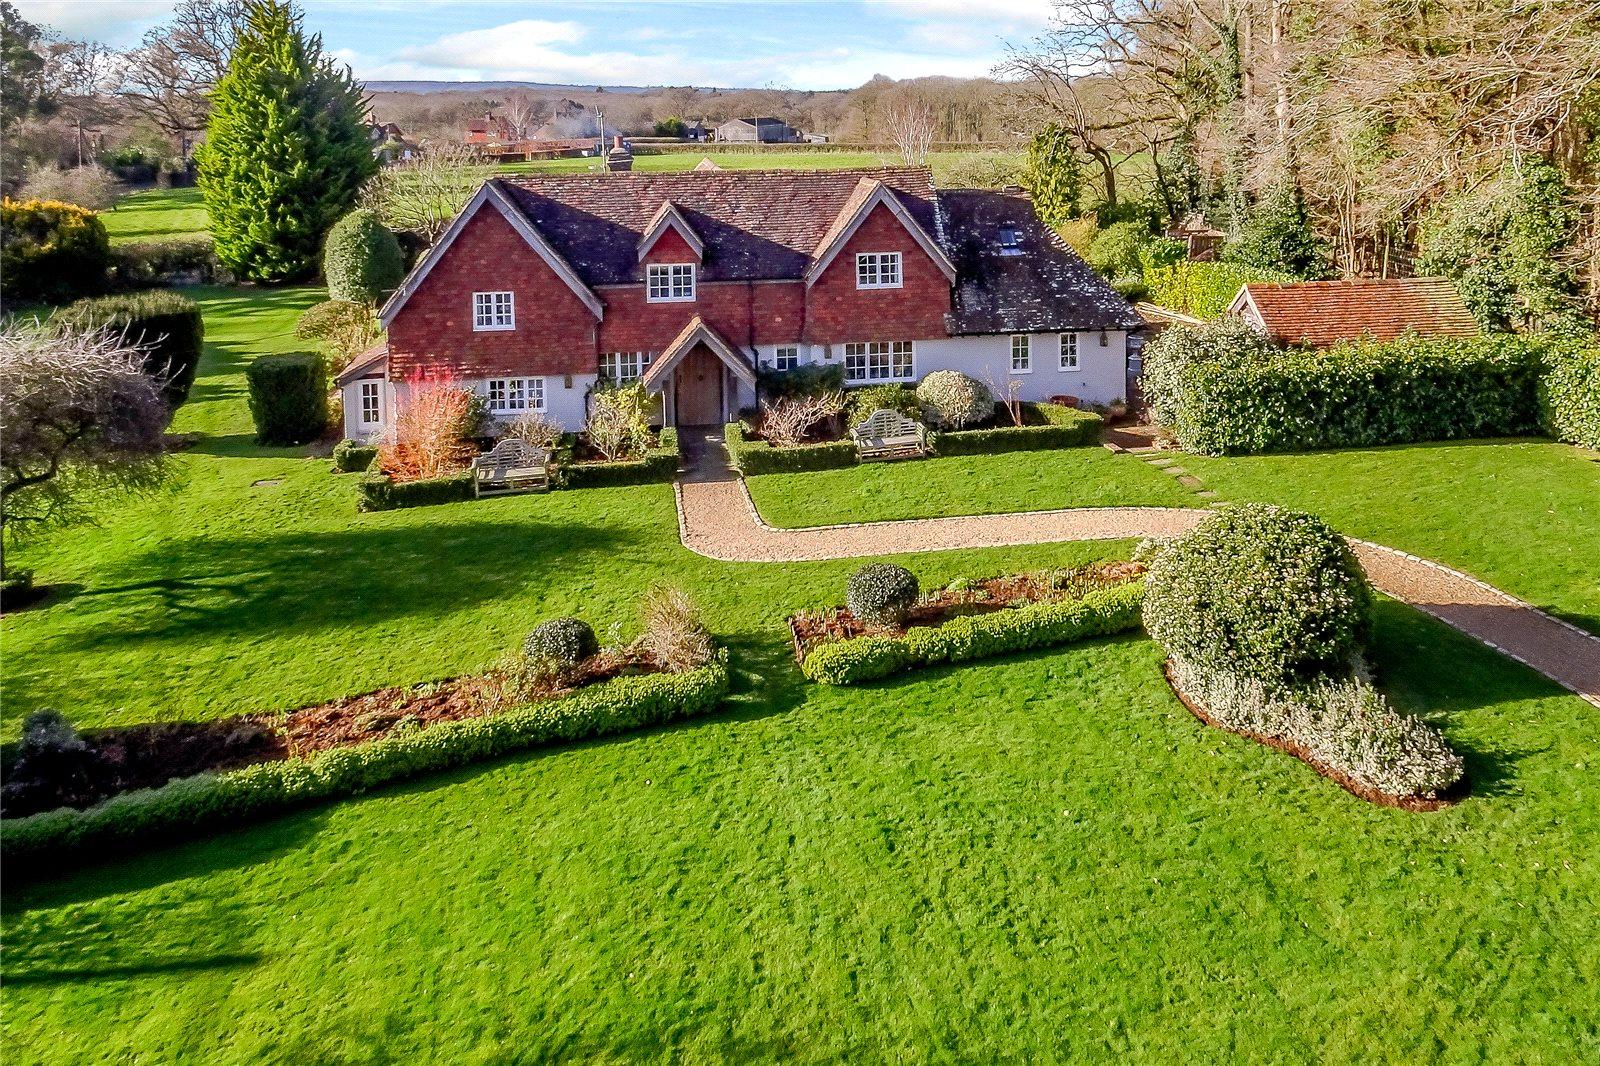 Частный дом для того Продажа на Hurlands Lane, Dunsfold, Godalming, Surrey, GU8 Godalming, Англия